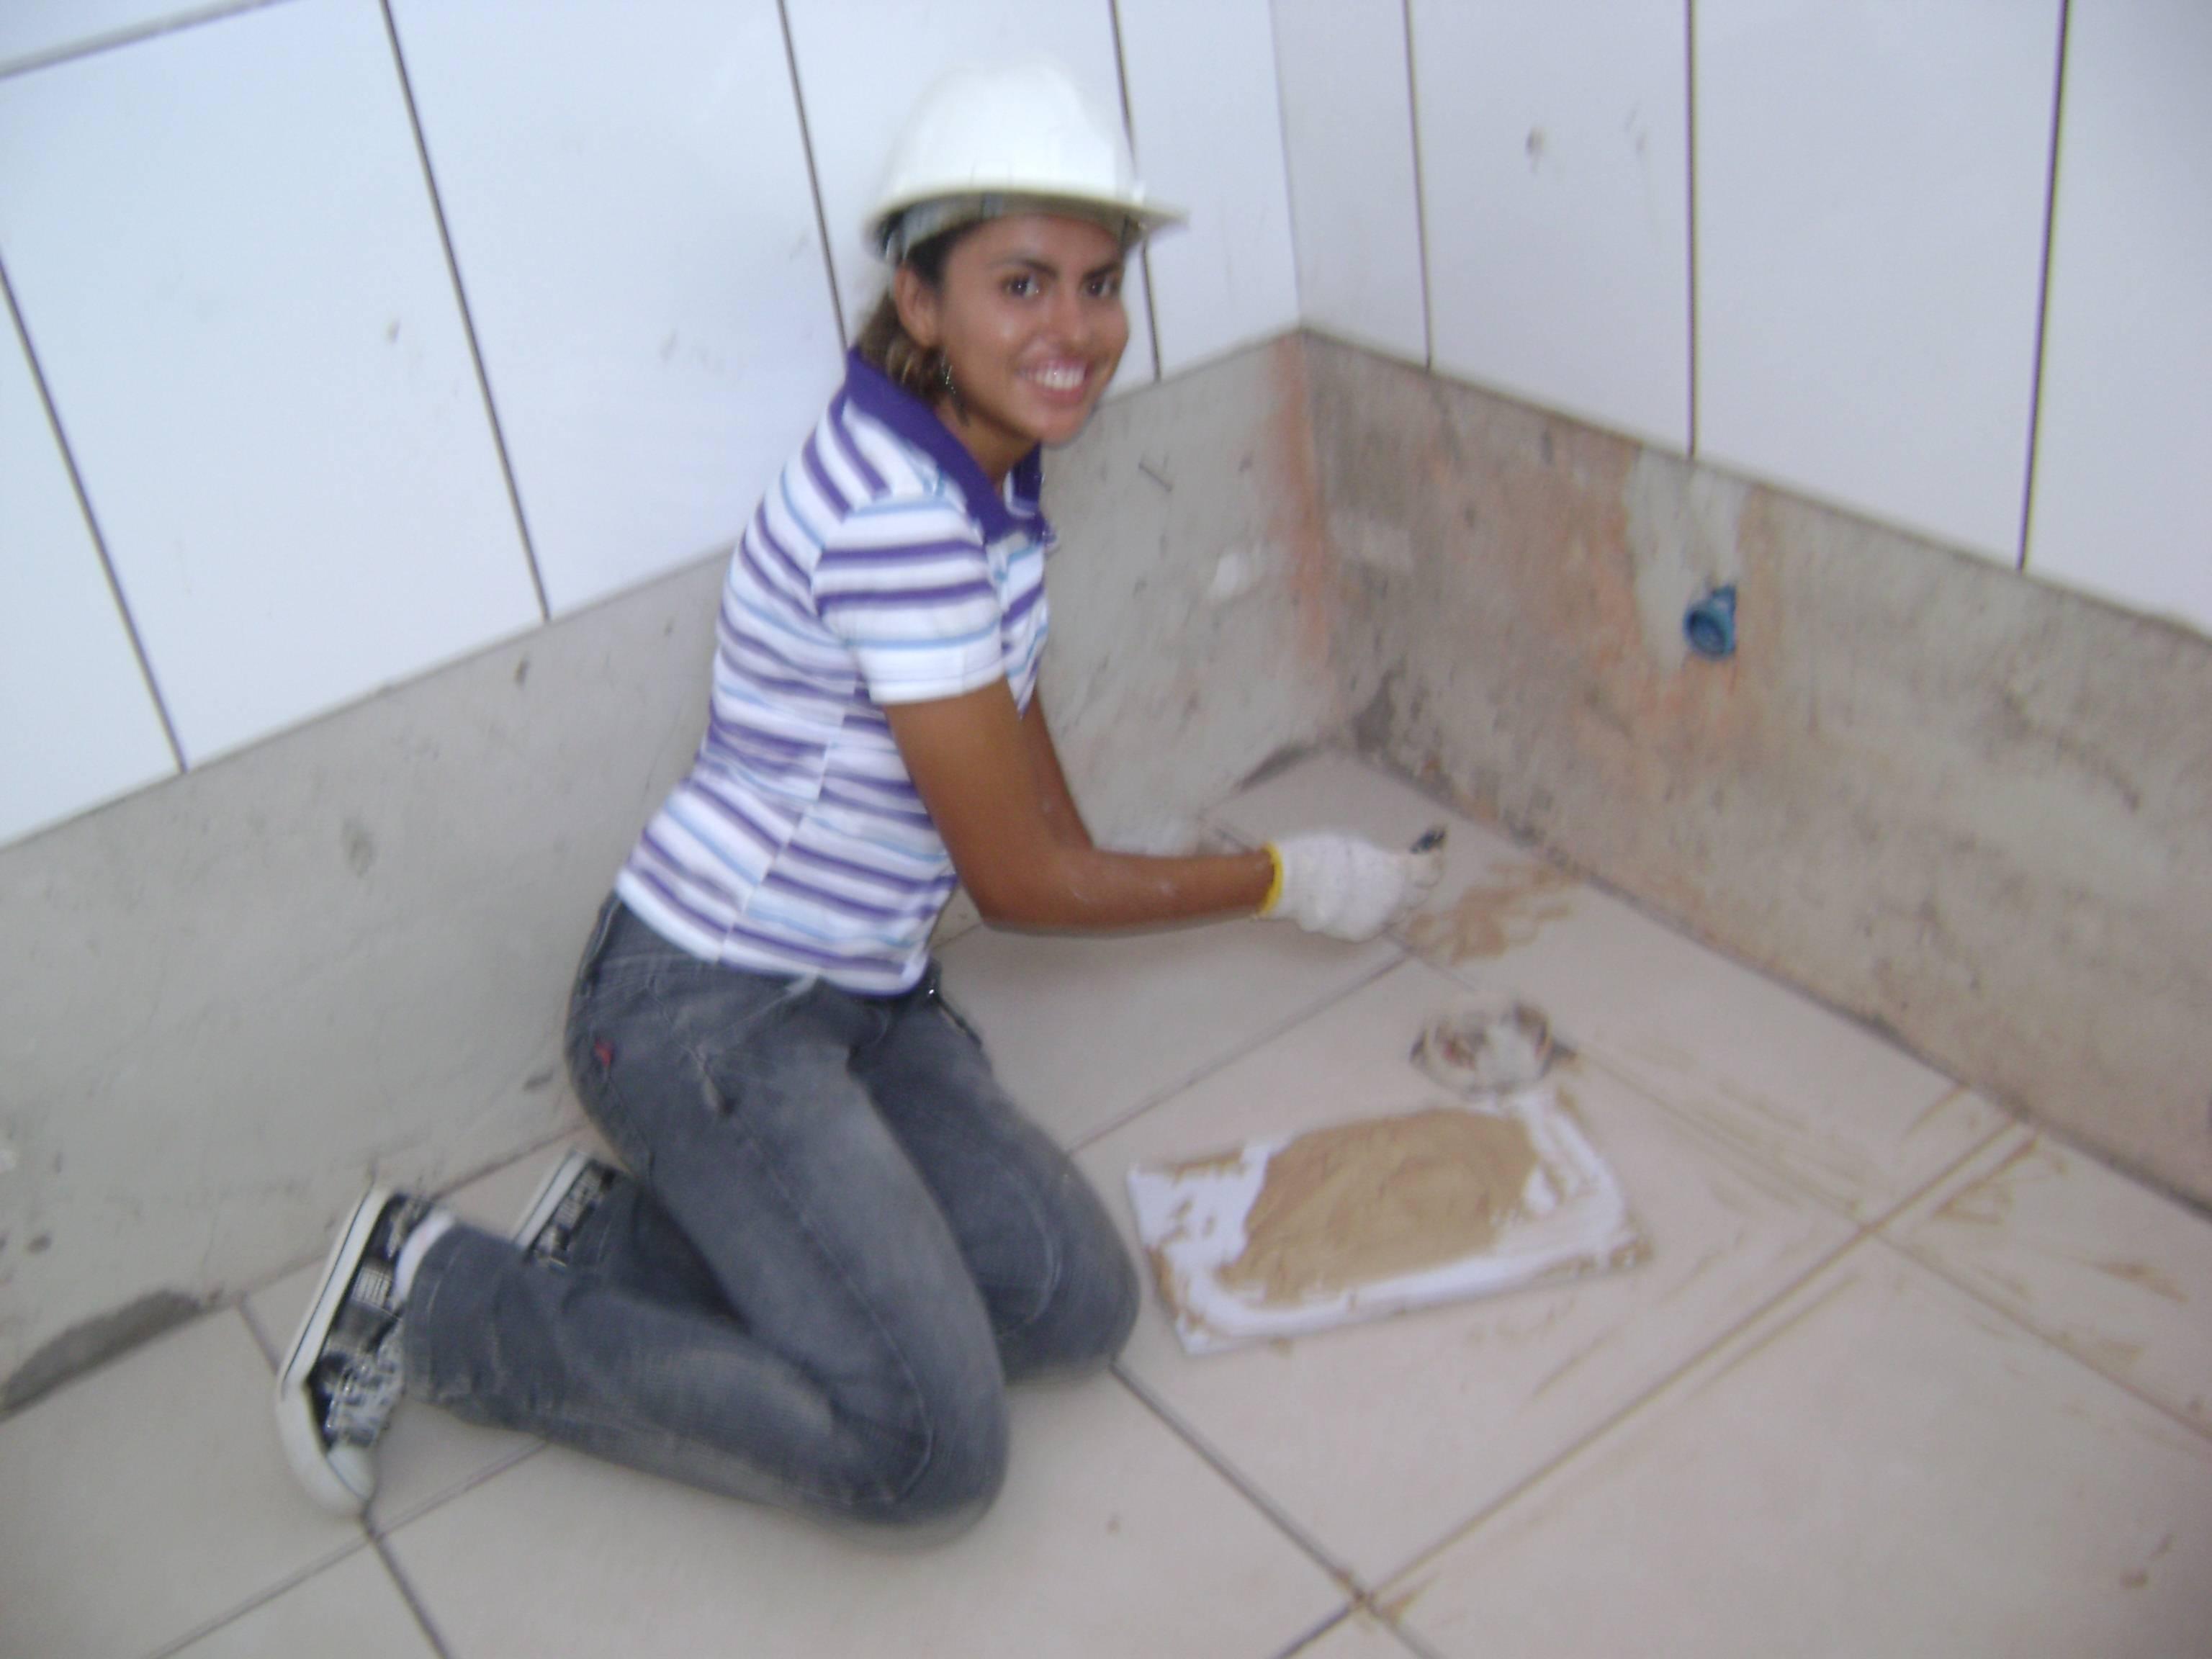 Construção Rápida Itapira Alguns dizem que nossas vidas são  #4B5F80 3072x2304 Banheiro Branco Com Rejunte Escuro